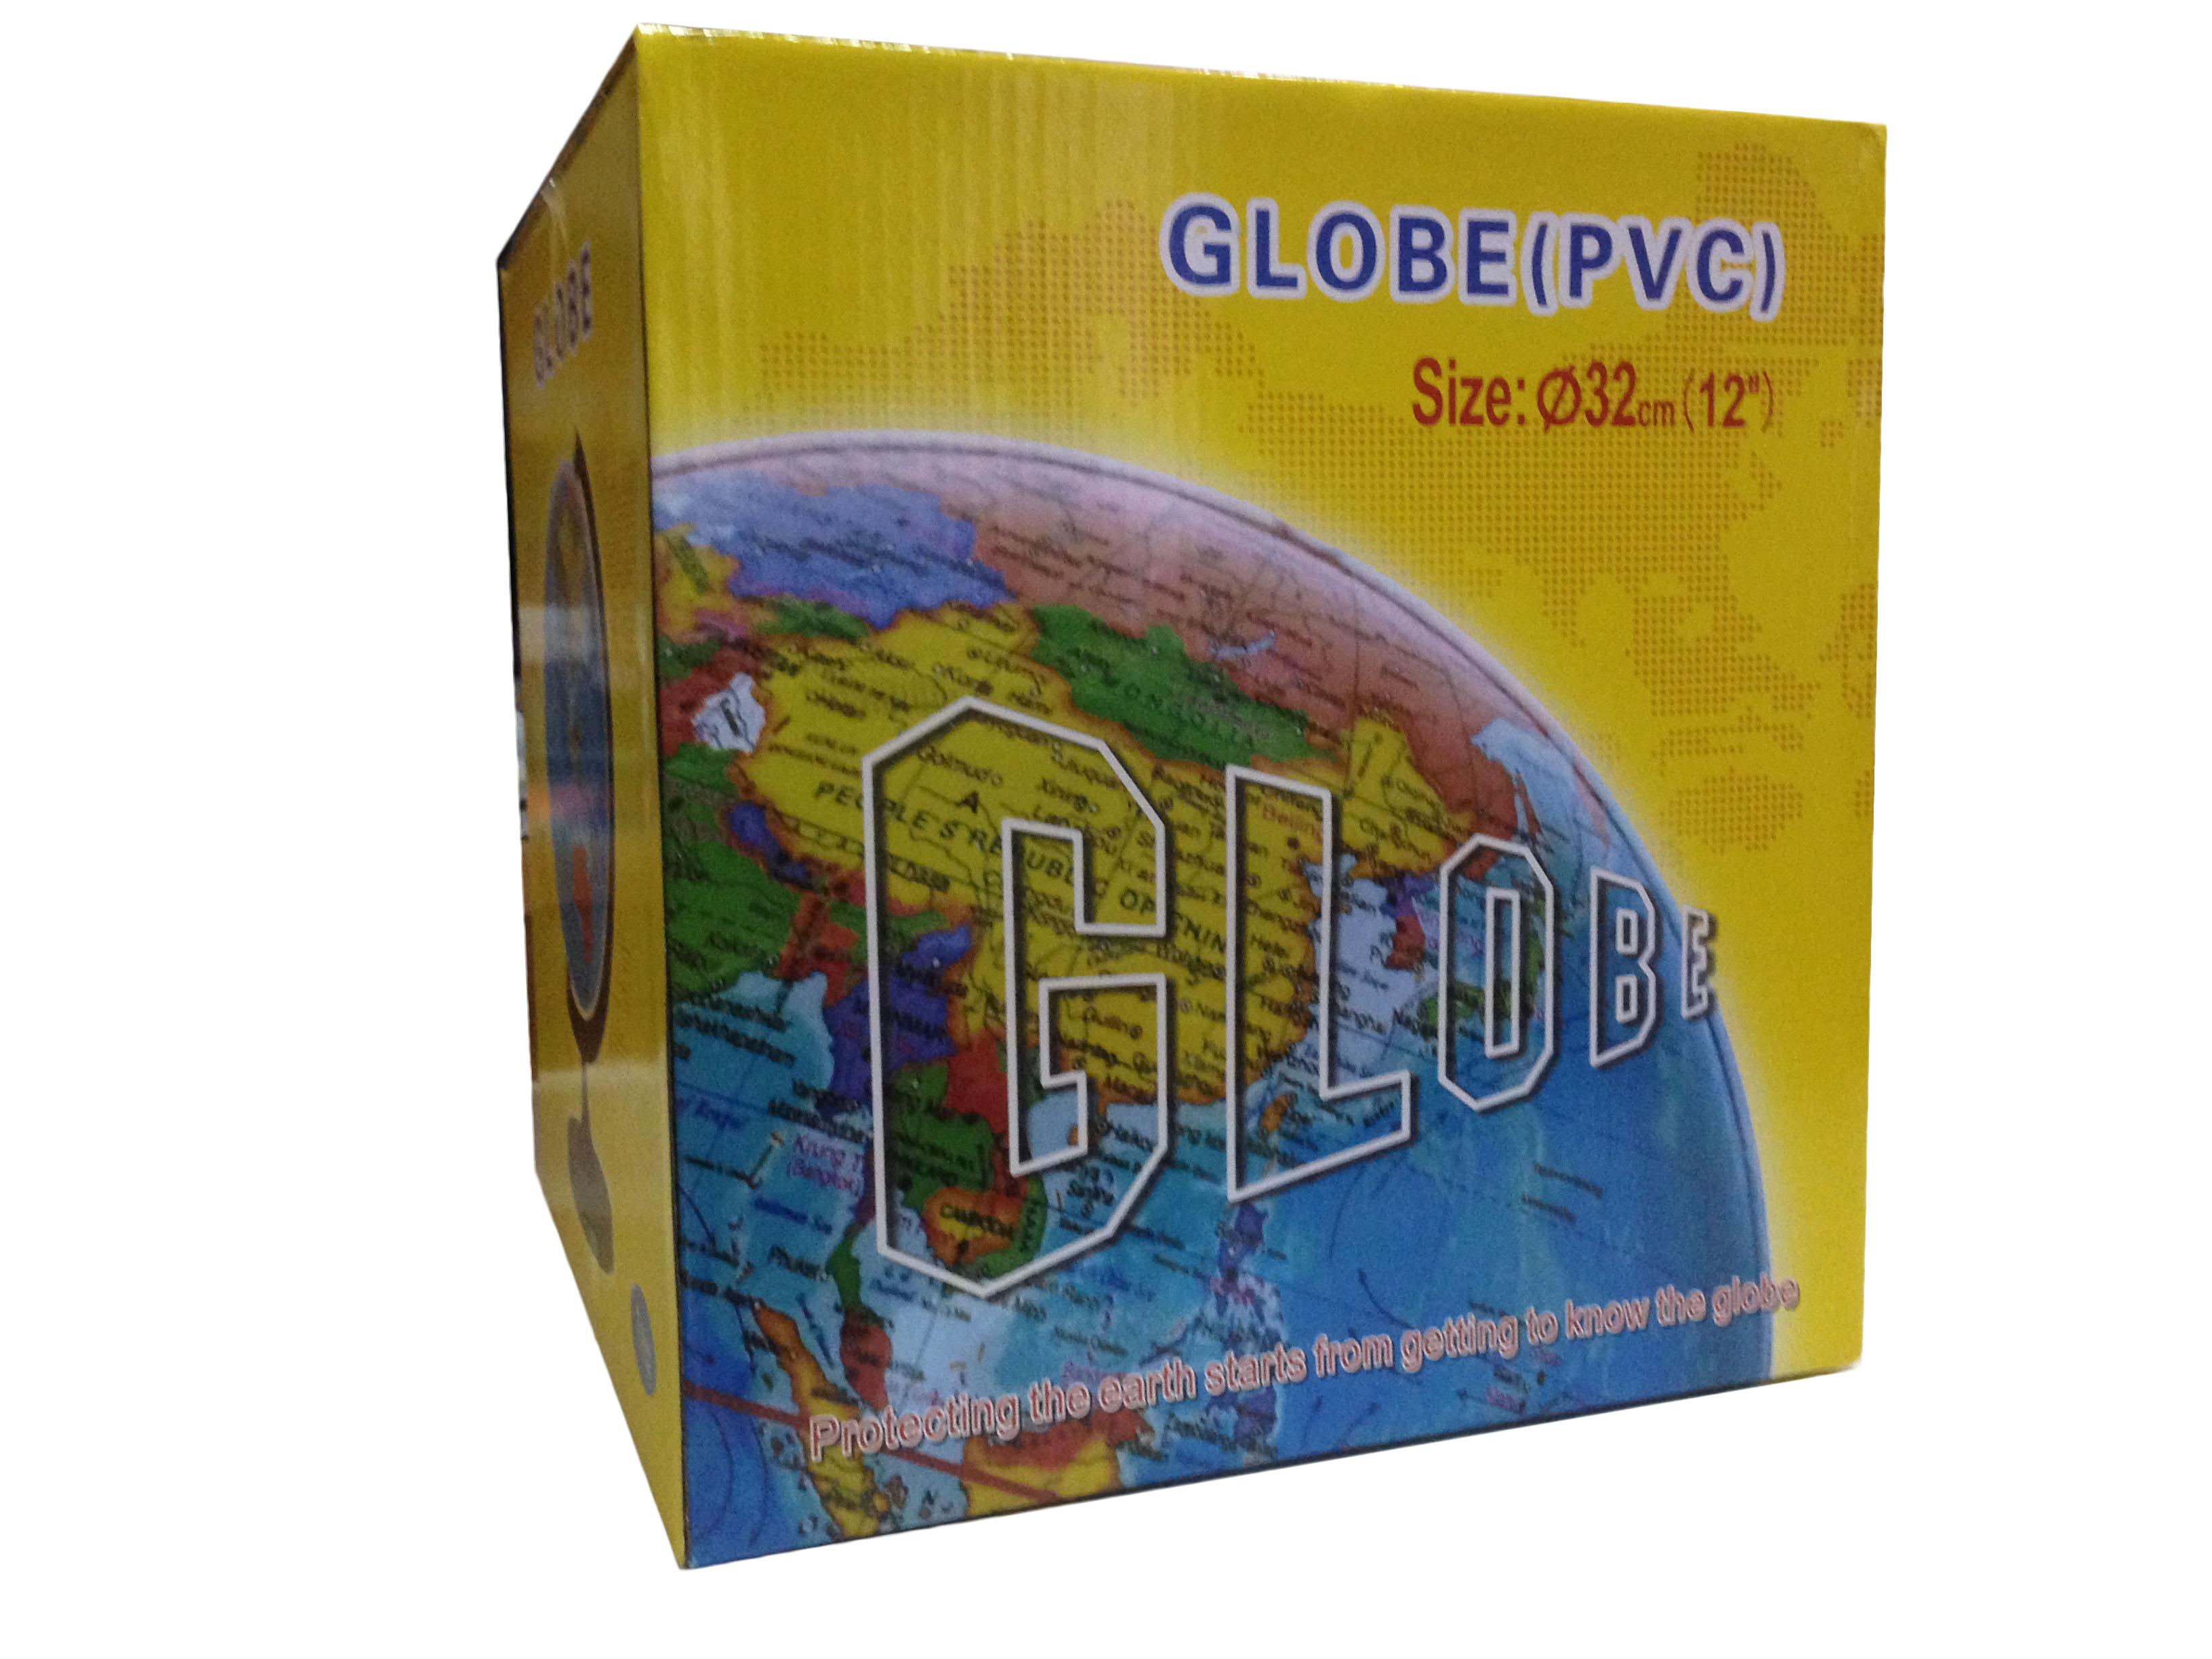 ลูกโลกPVCขนาดเส้นผ่าศูนย์กลาง 32 Cm.